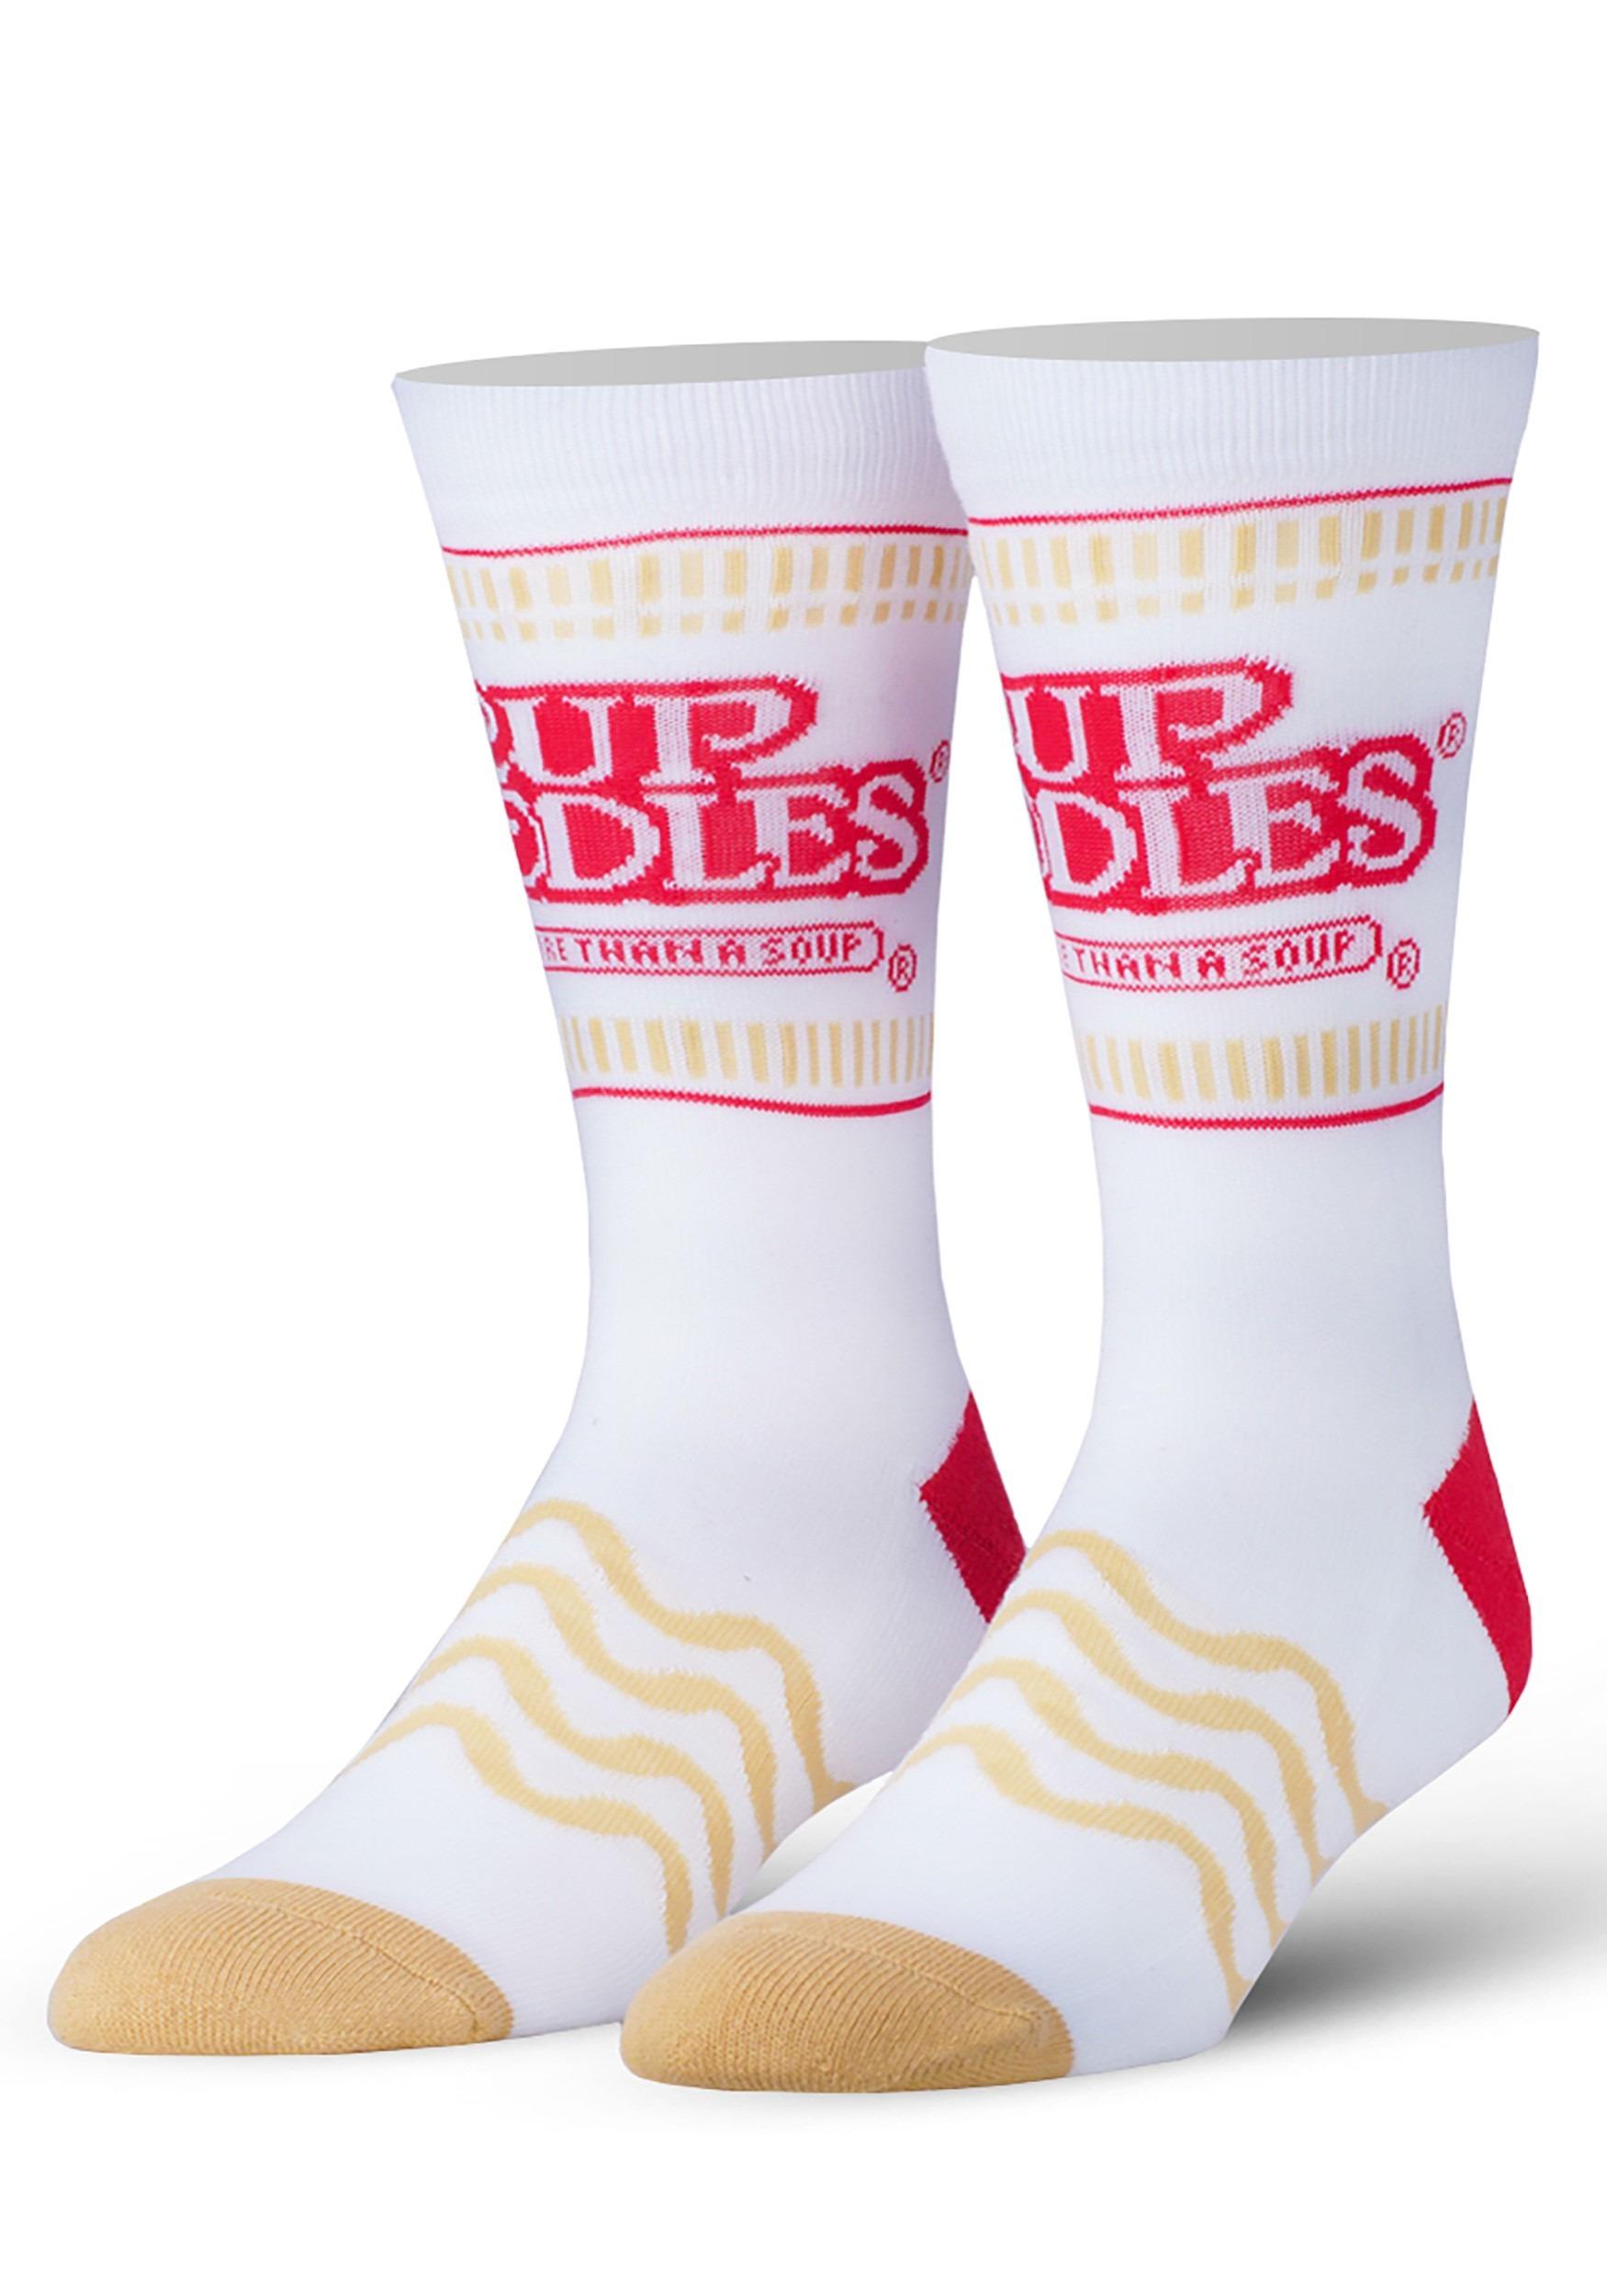 Odd Sox Cup Noddles Ramen Adult Knit Socks